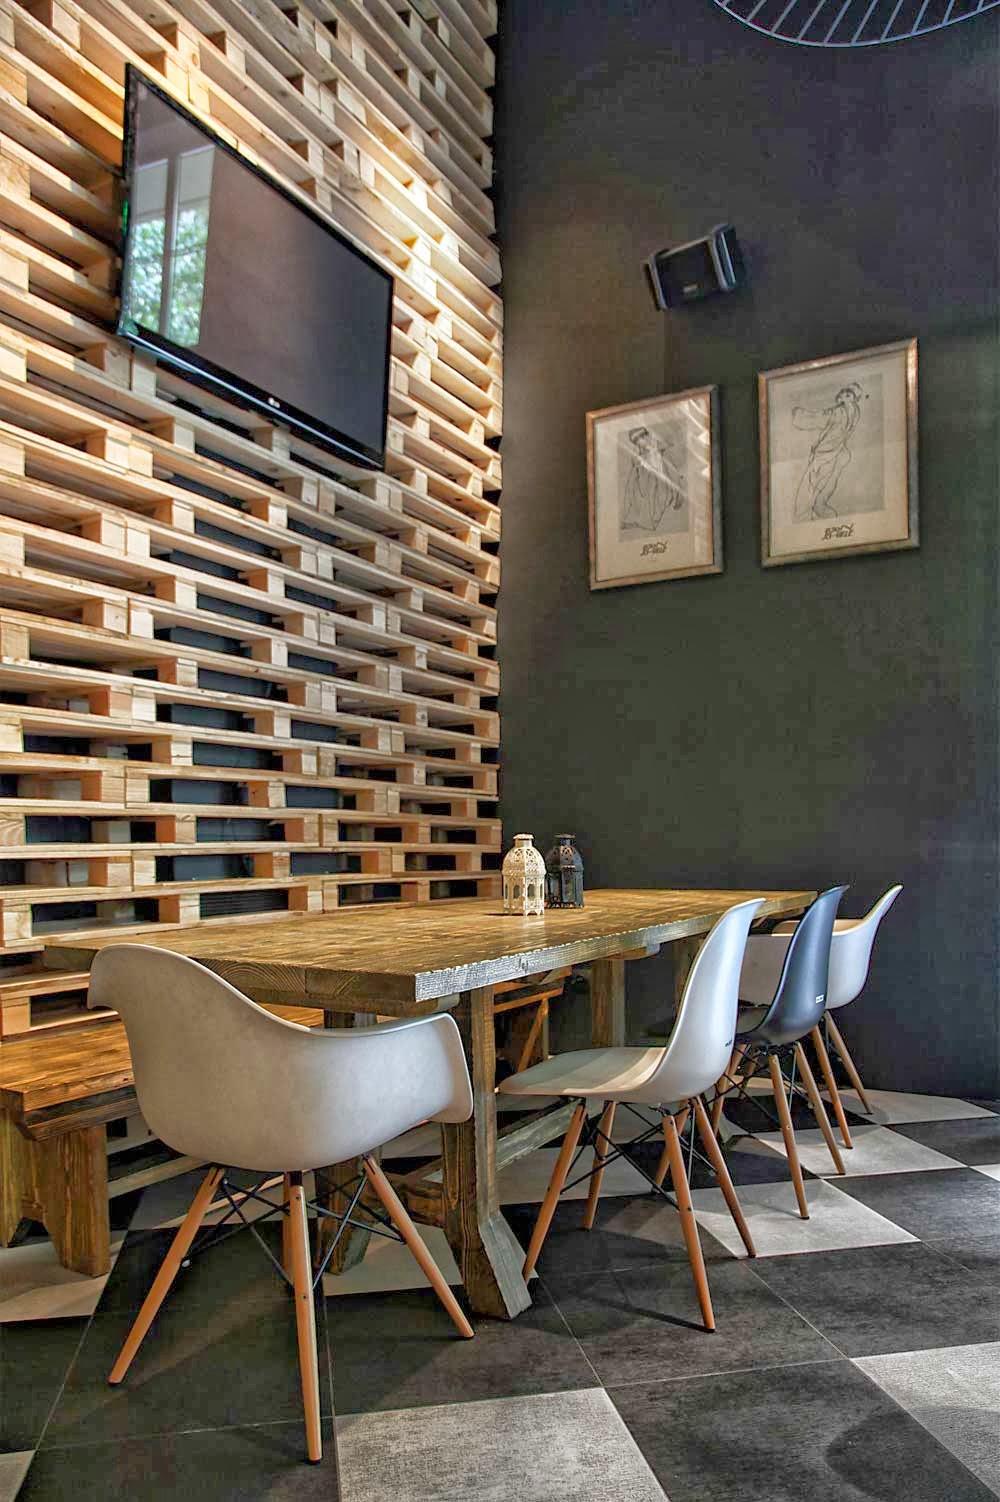 Retro Metal Garden Chairs Chivari Chair Rental Home & Information Center: 60 Idées Pour Recycler Des Palettes